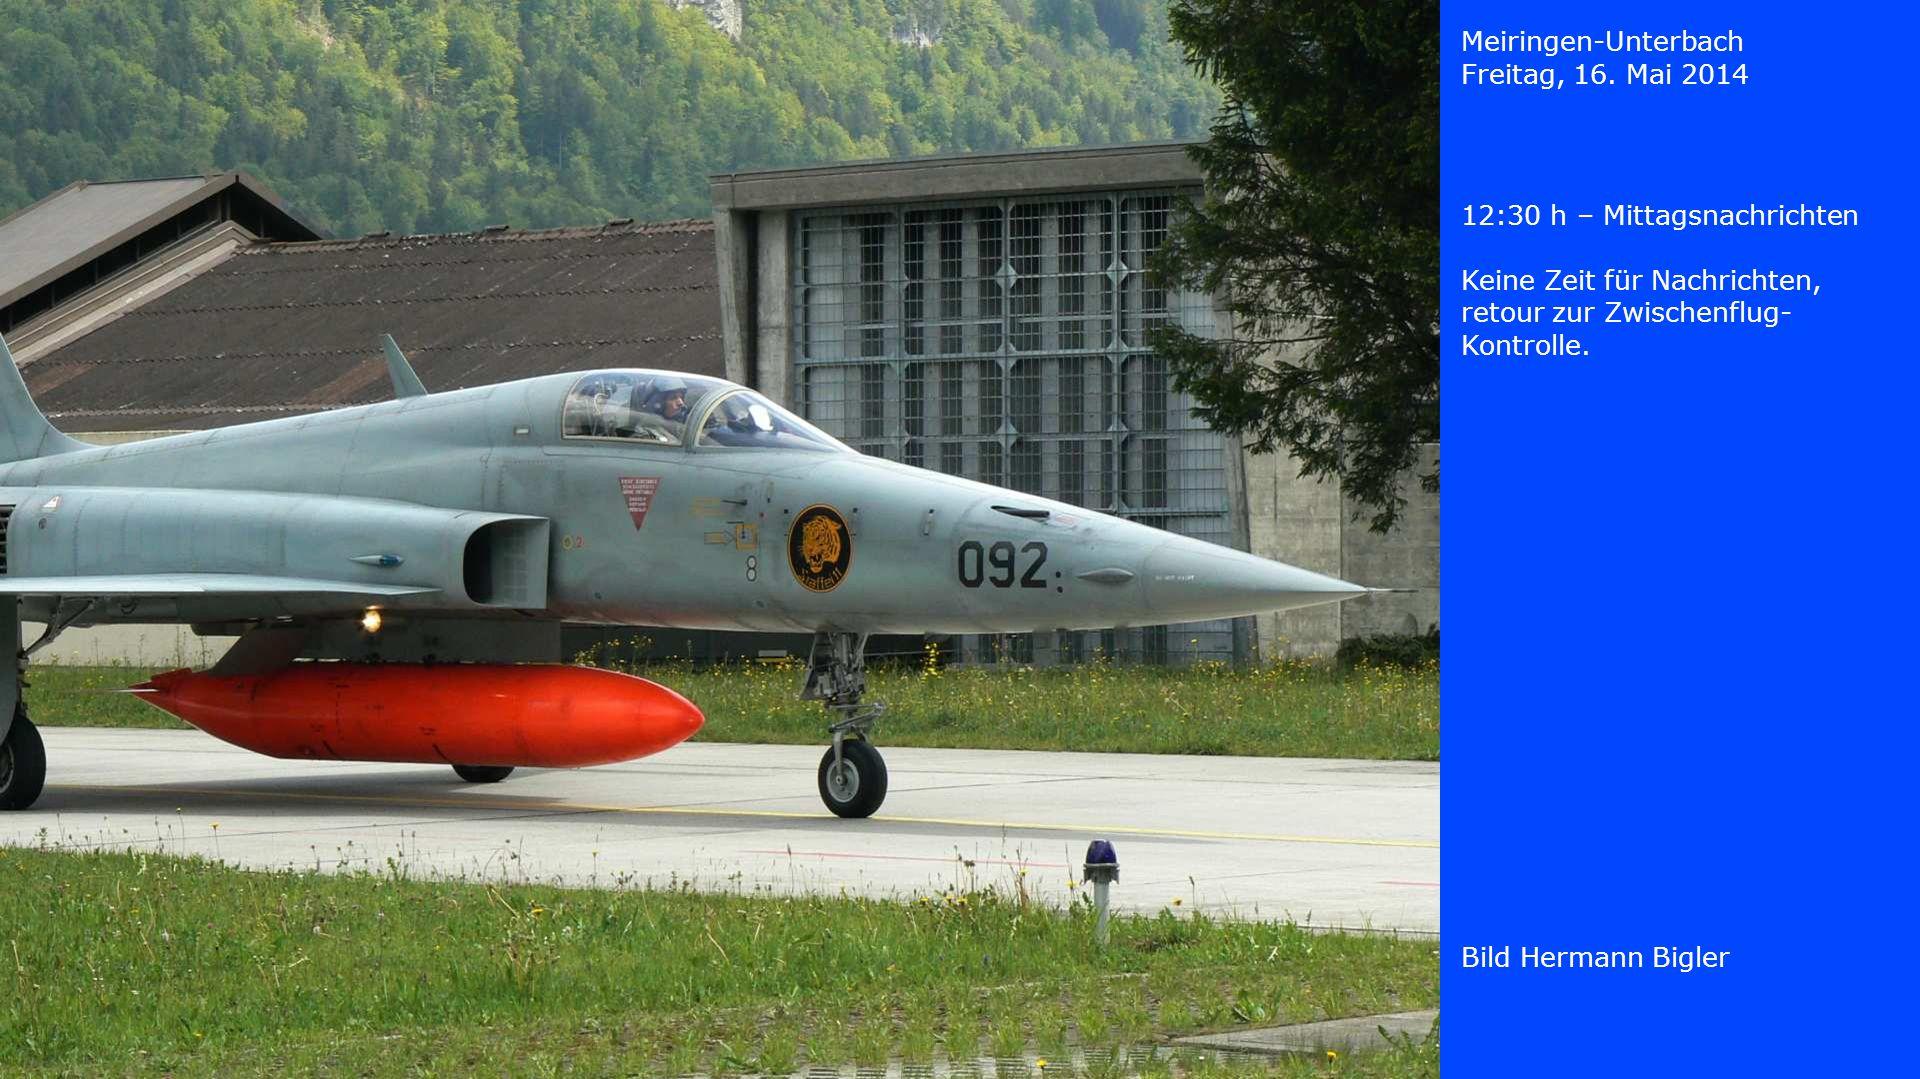 Meiringen-Unterbach Freitag, 16. Mai 2014. 12:30 h – Mittagsnachrichten. Keine Zeit für Nachrichten, retour zur Zwischenflug-Kontrolle.